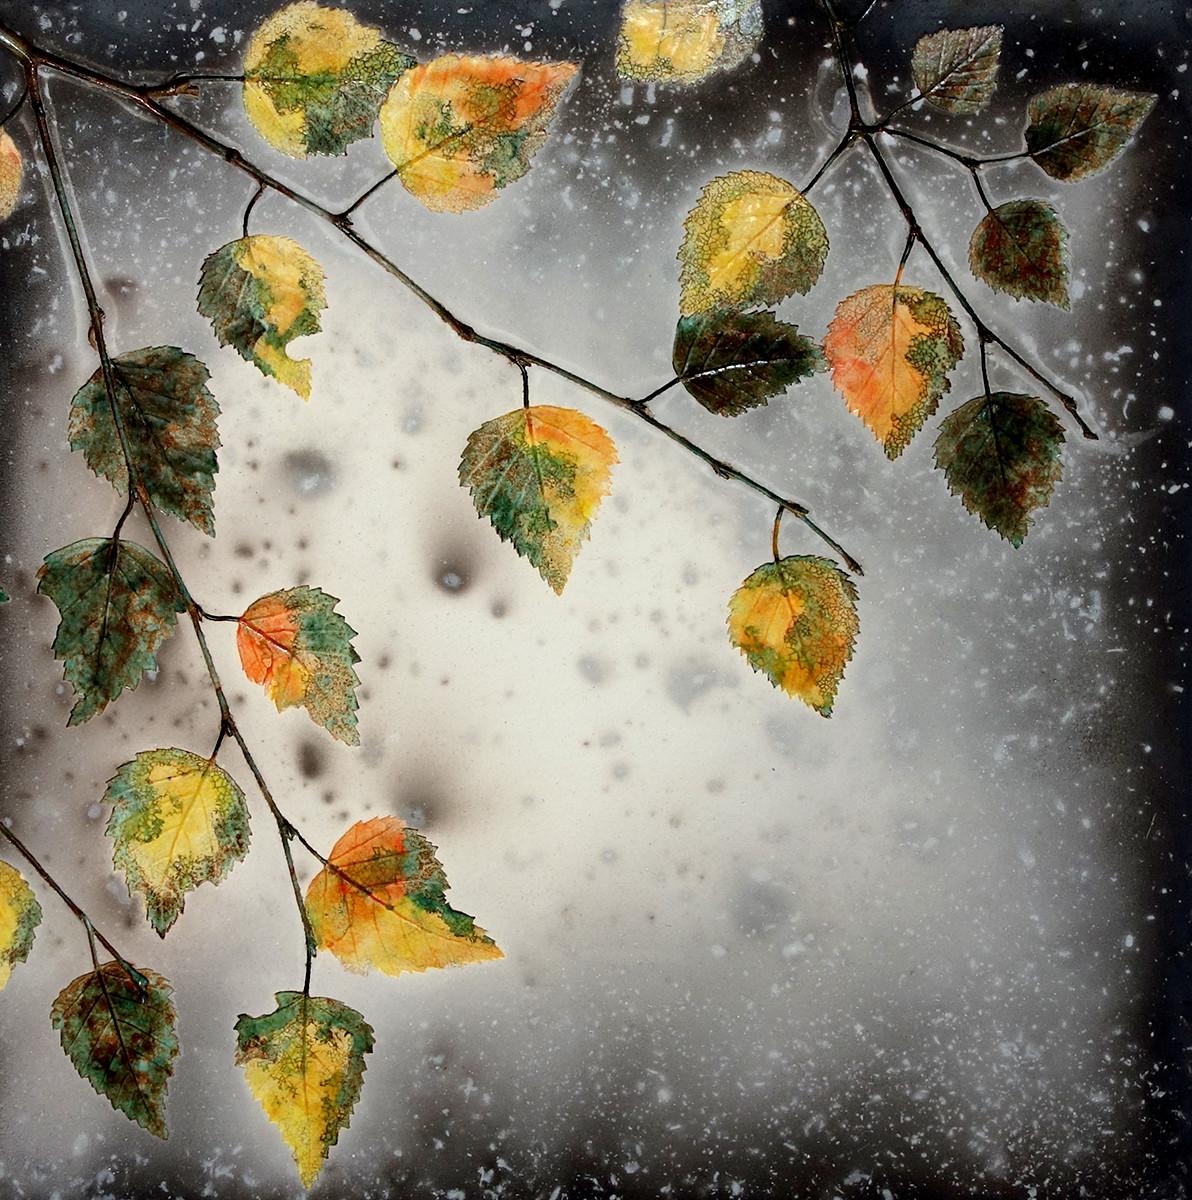 Autumn golden birch